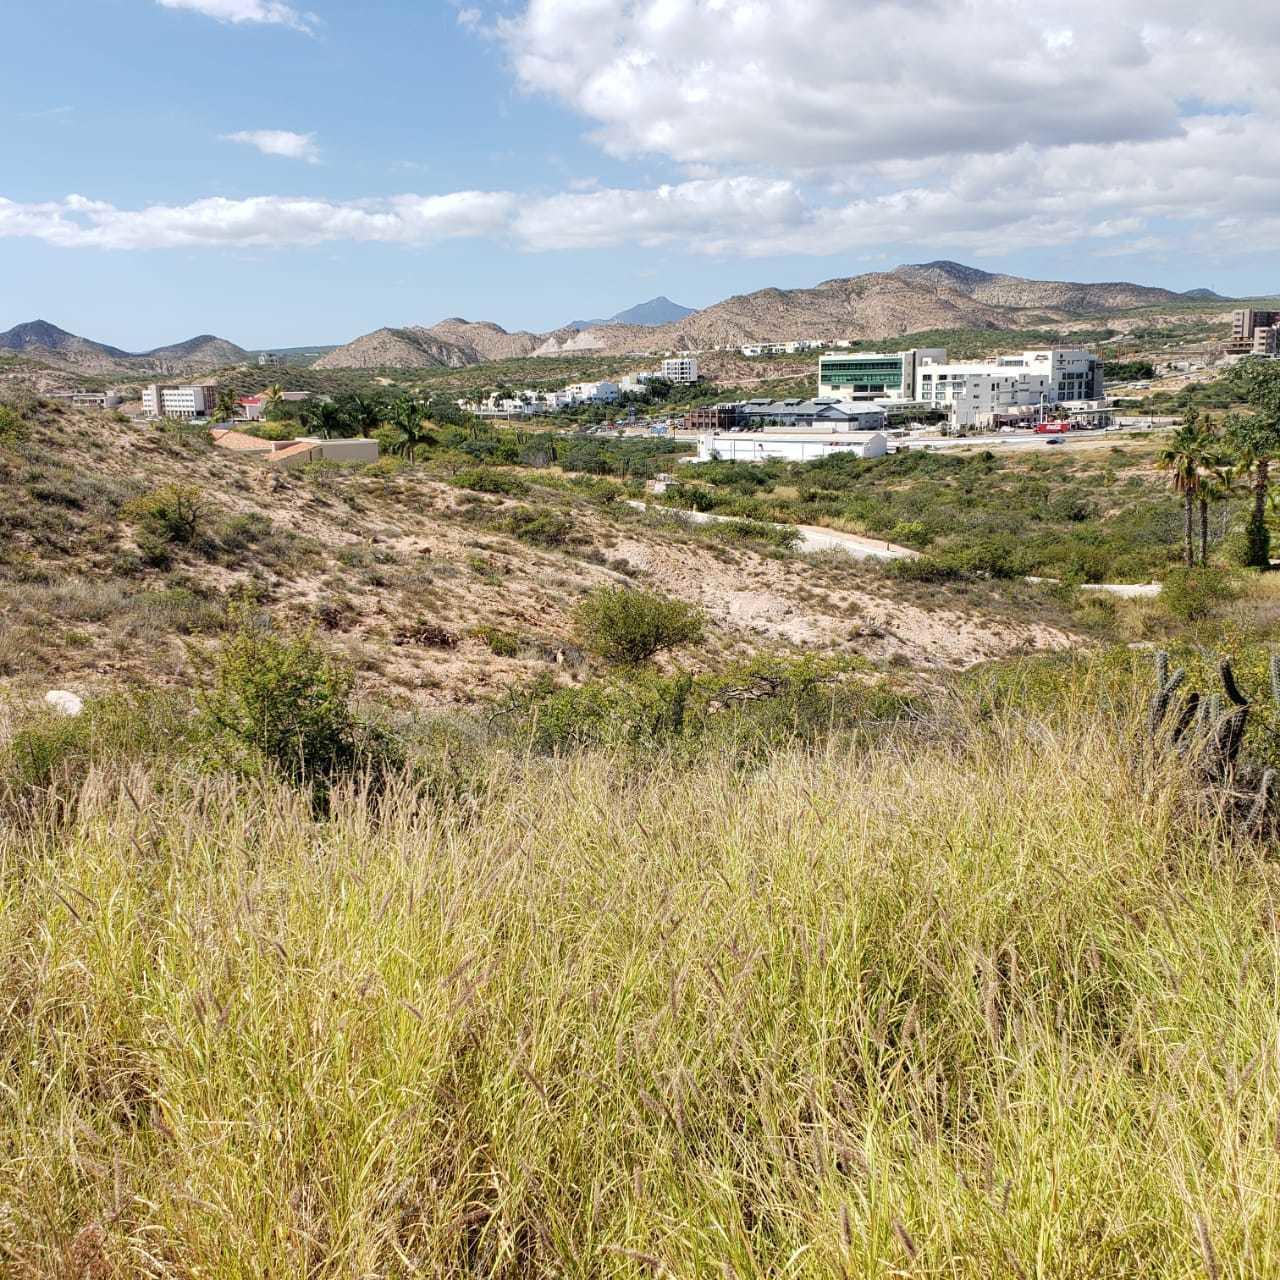 Lote 7/4 Cerro Colorado